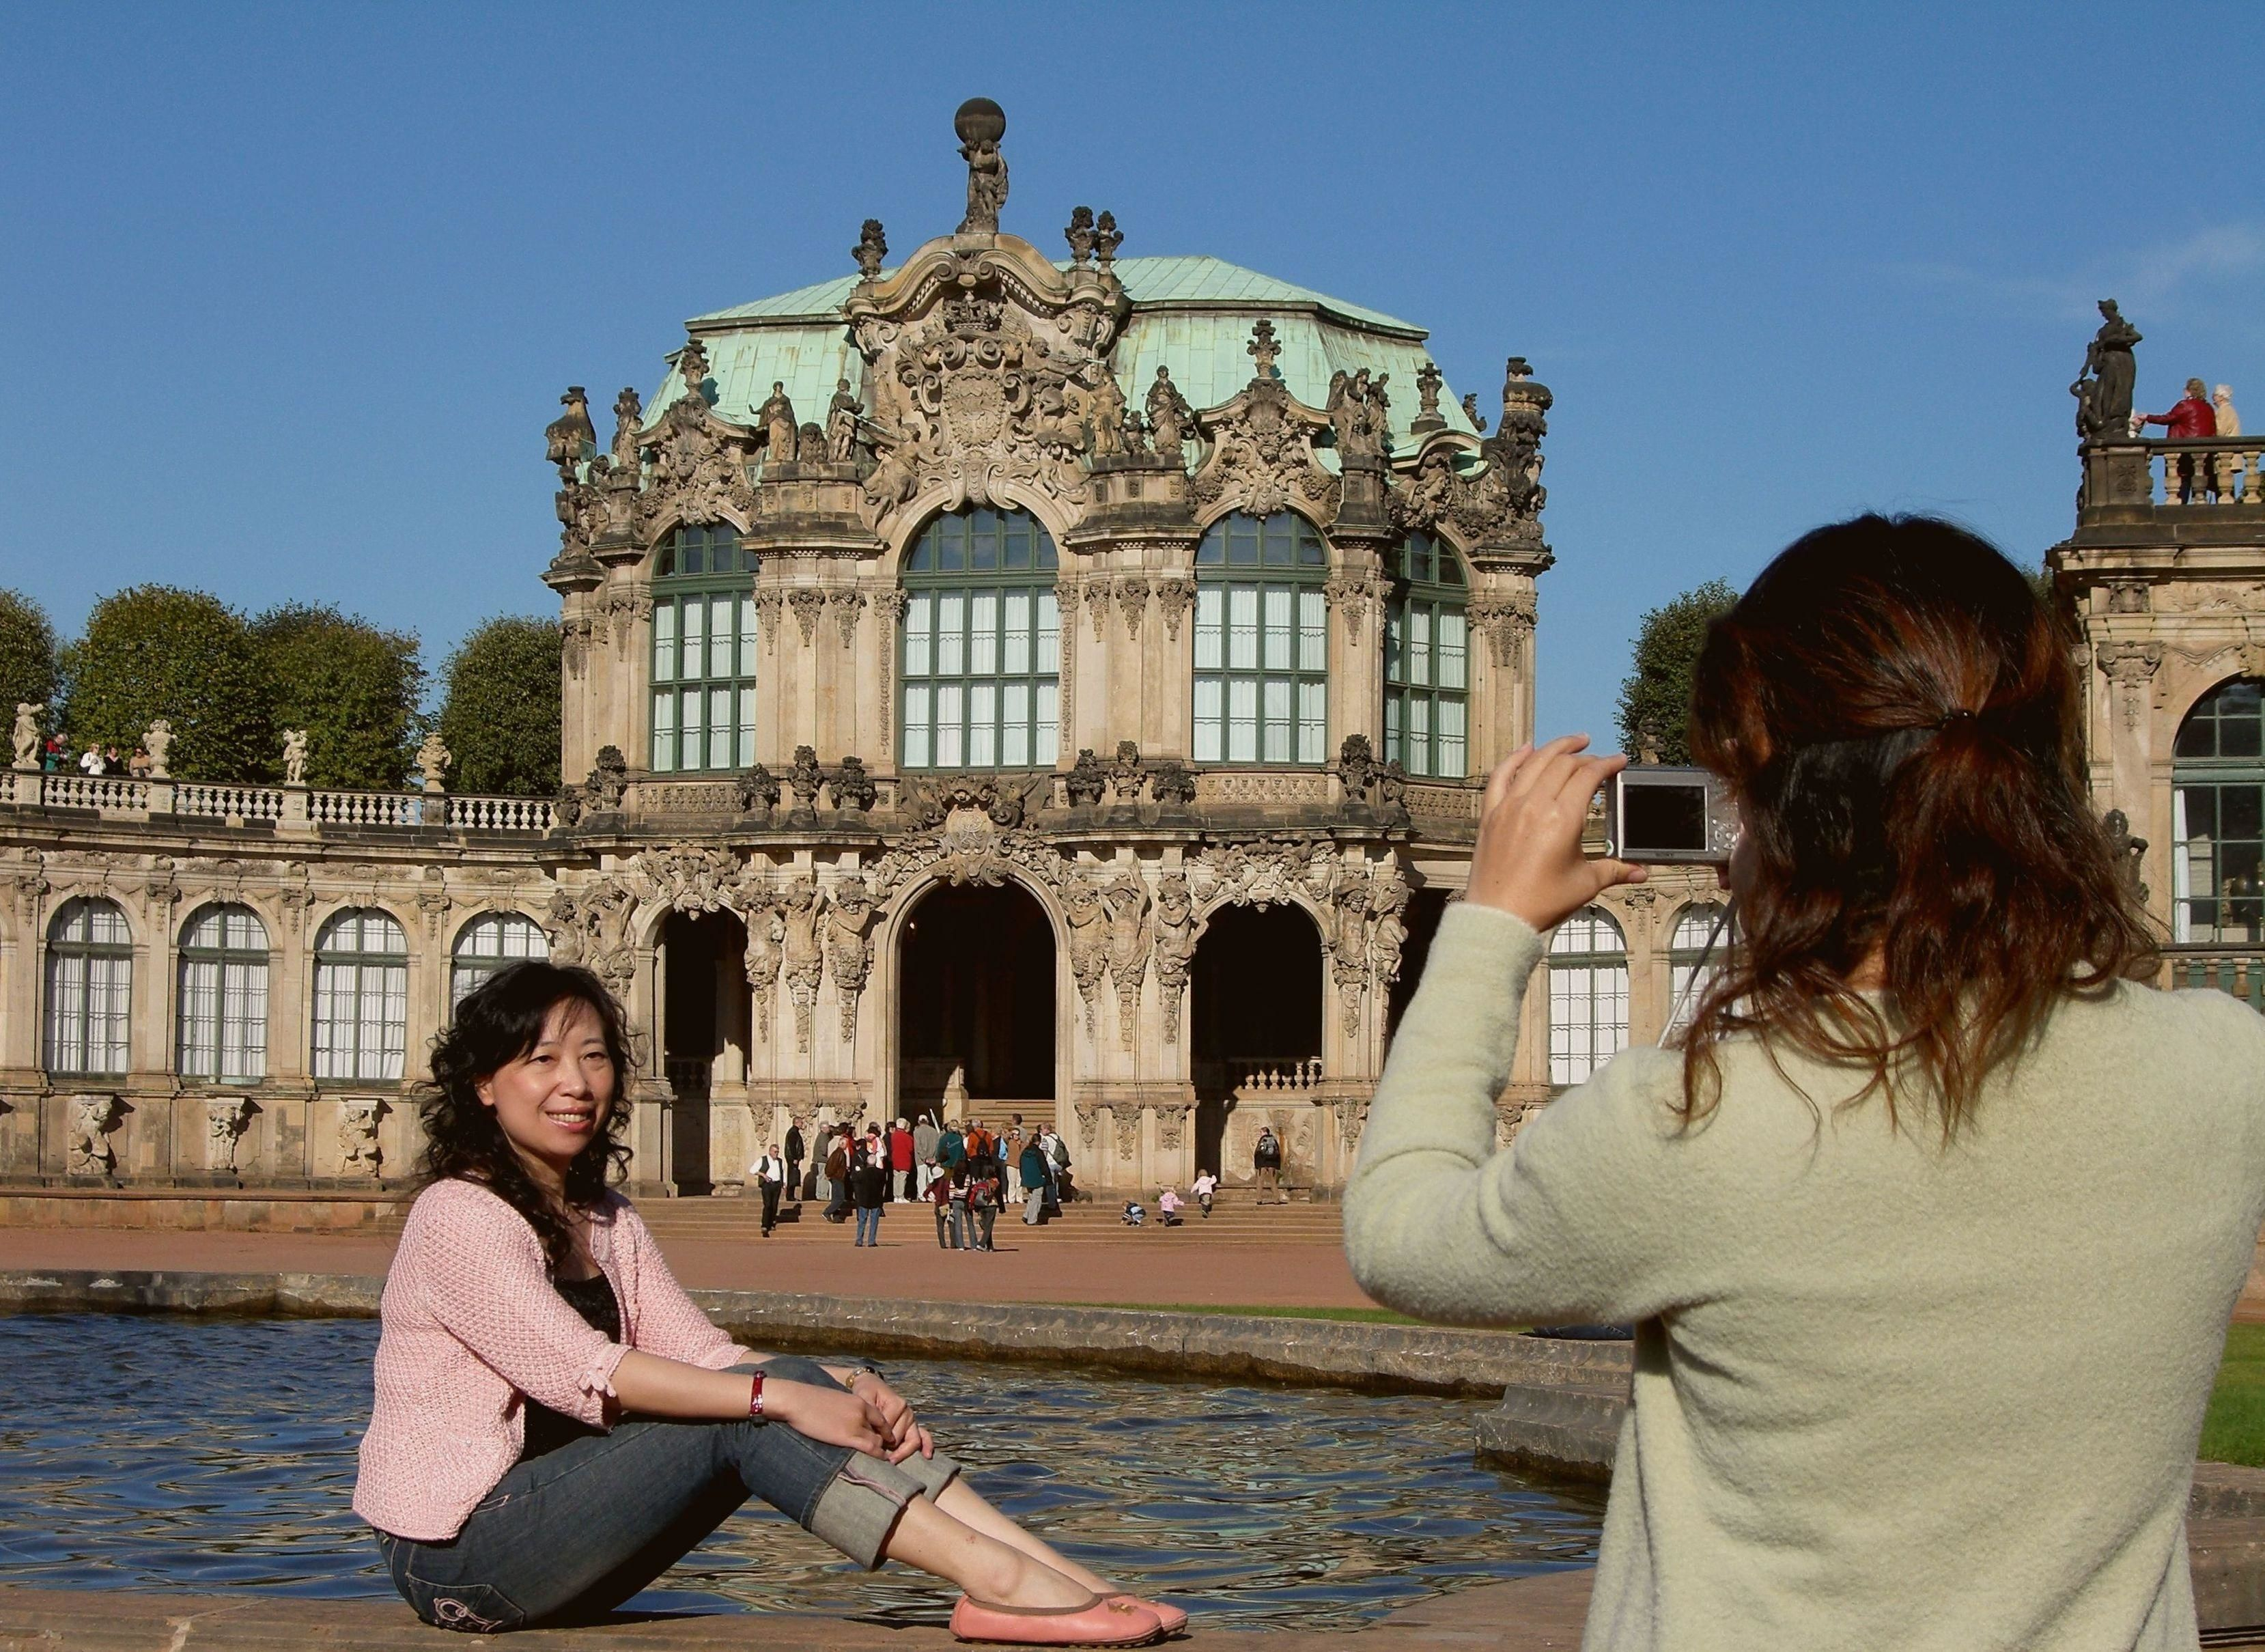 Viaggio a Dresda con ingresso a Palazzo Zwinger e Galleria Semper